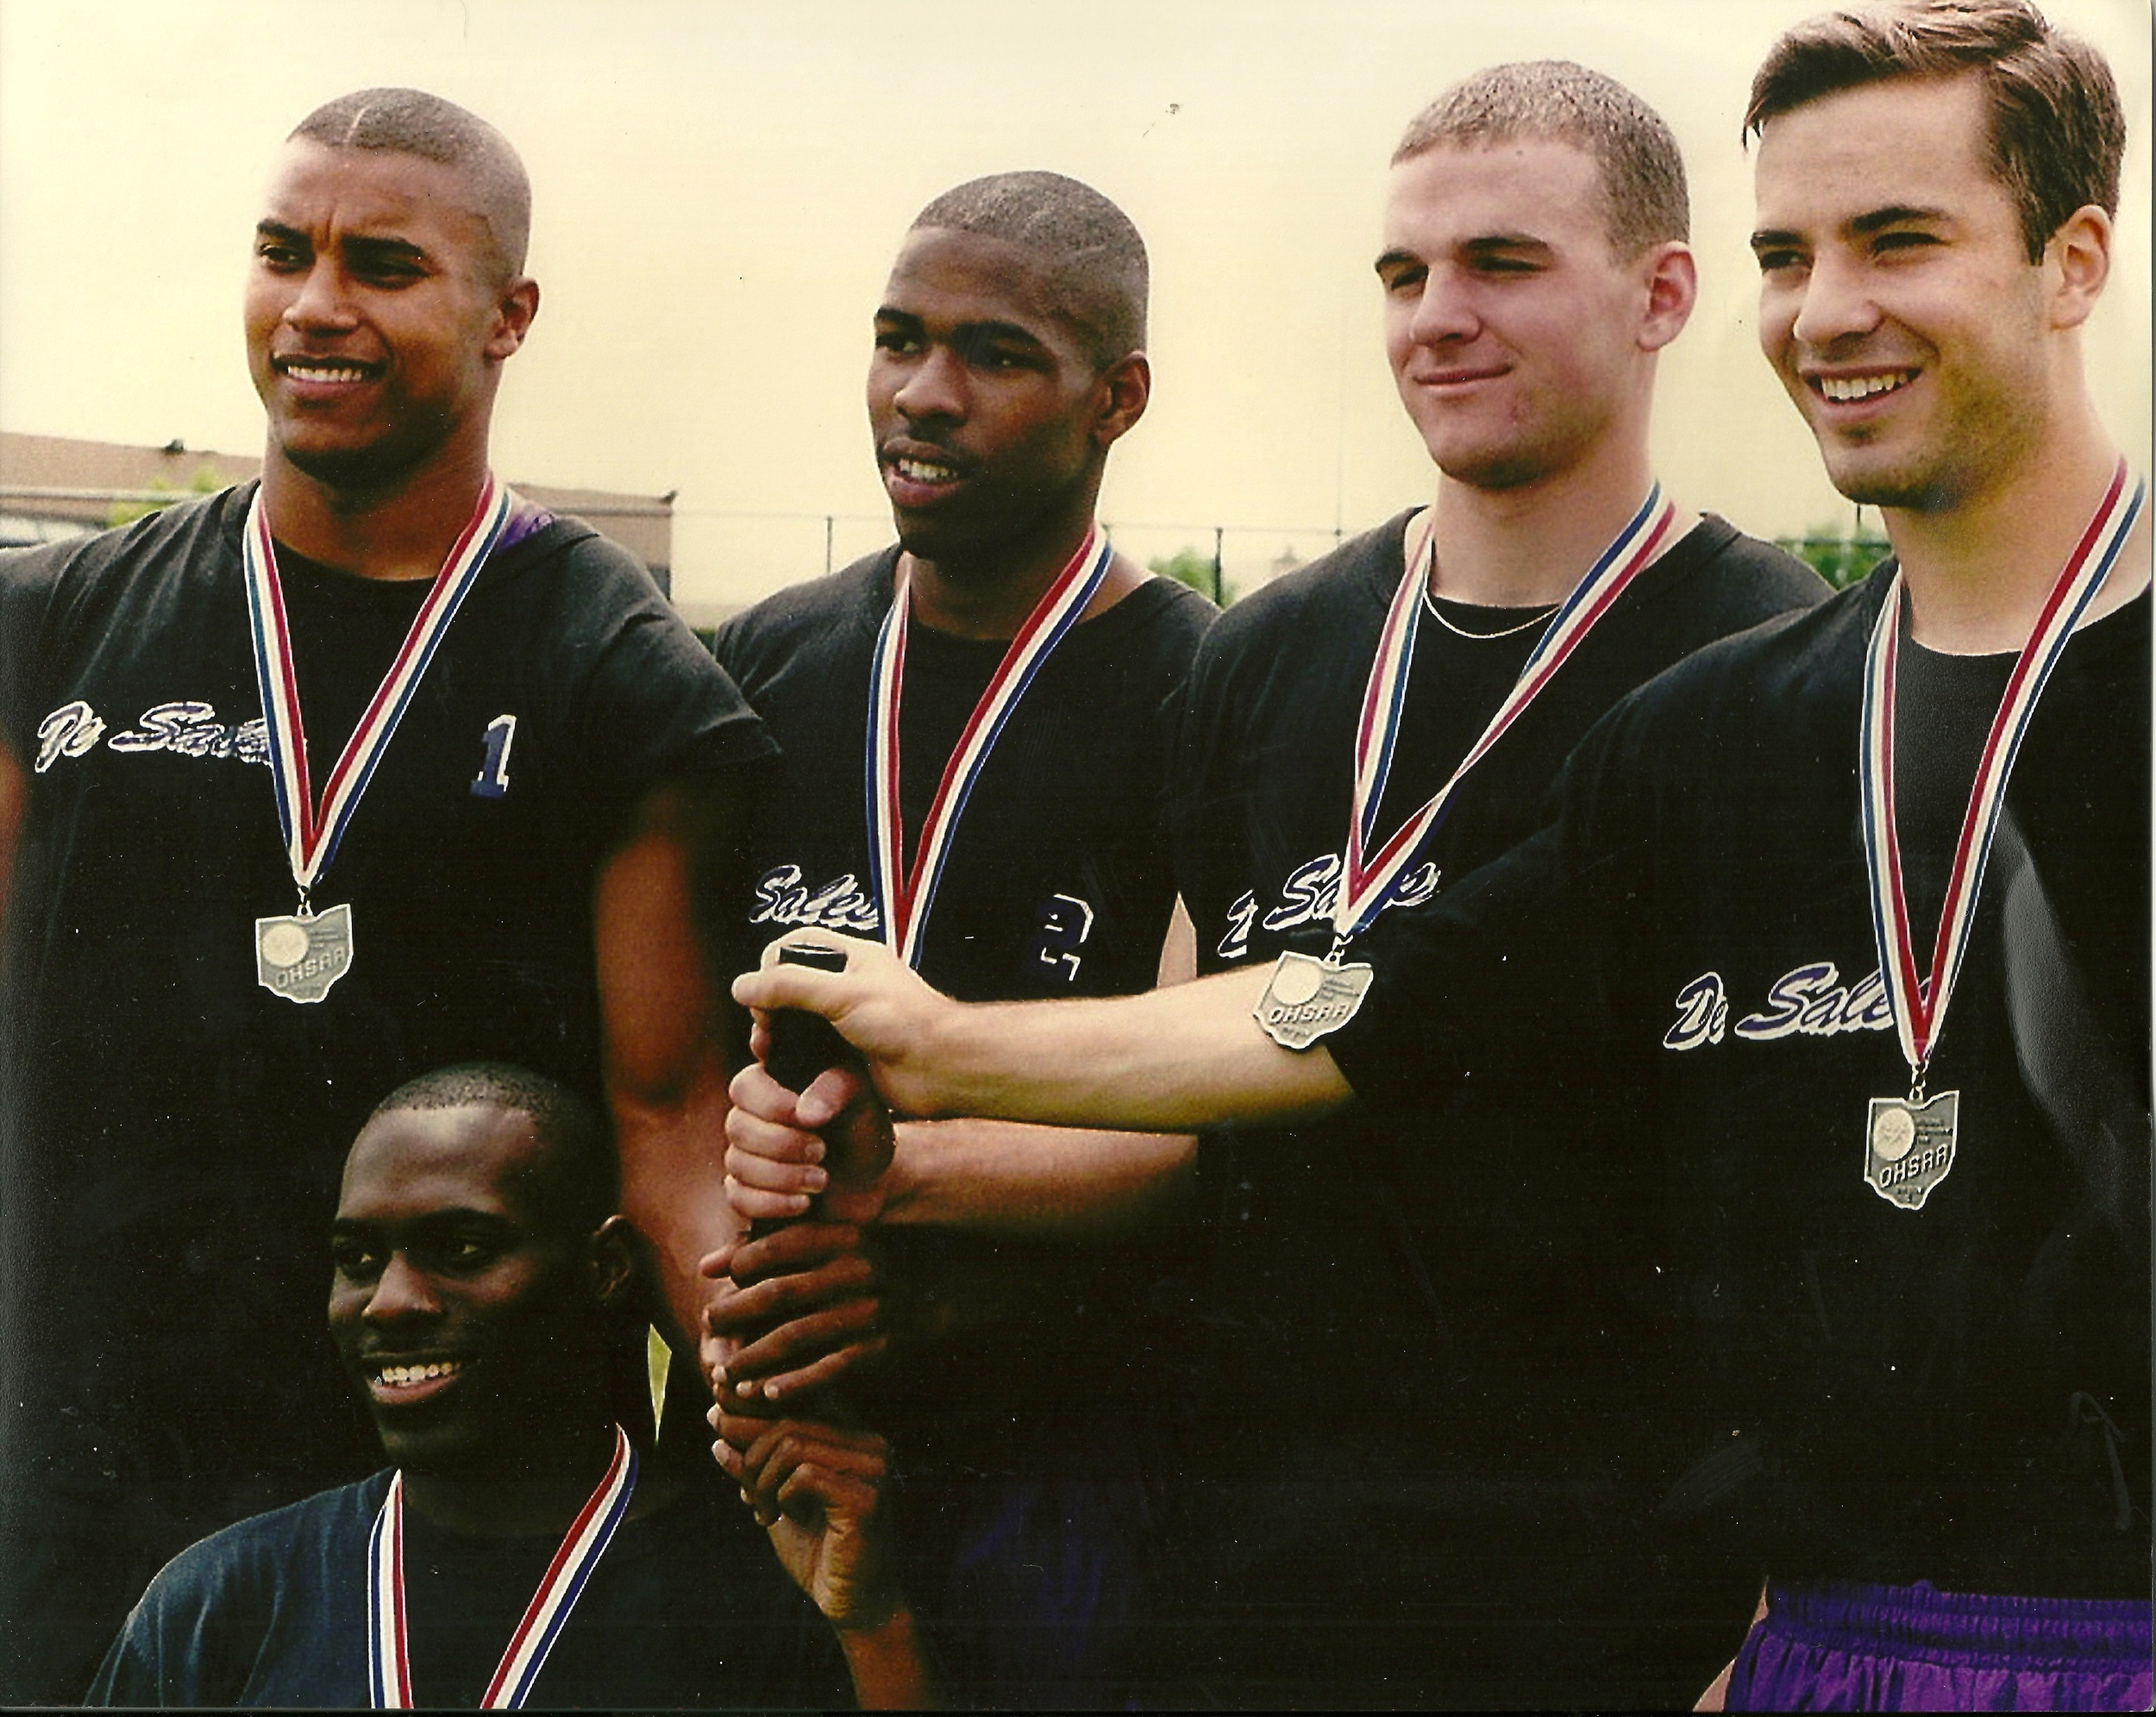 1996 Regional 4X100 Champions